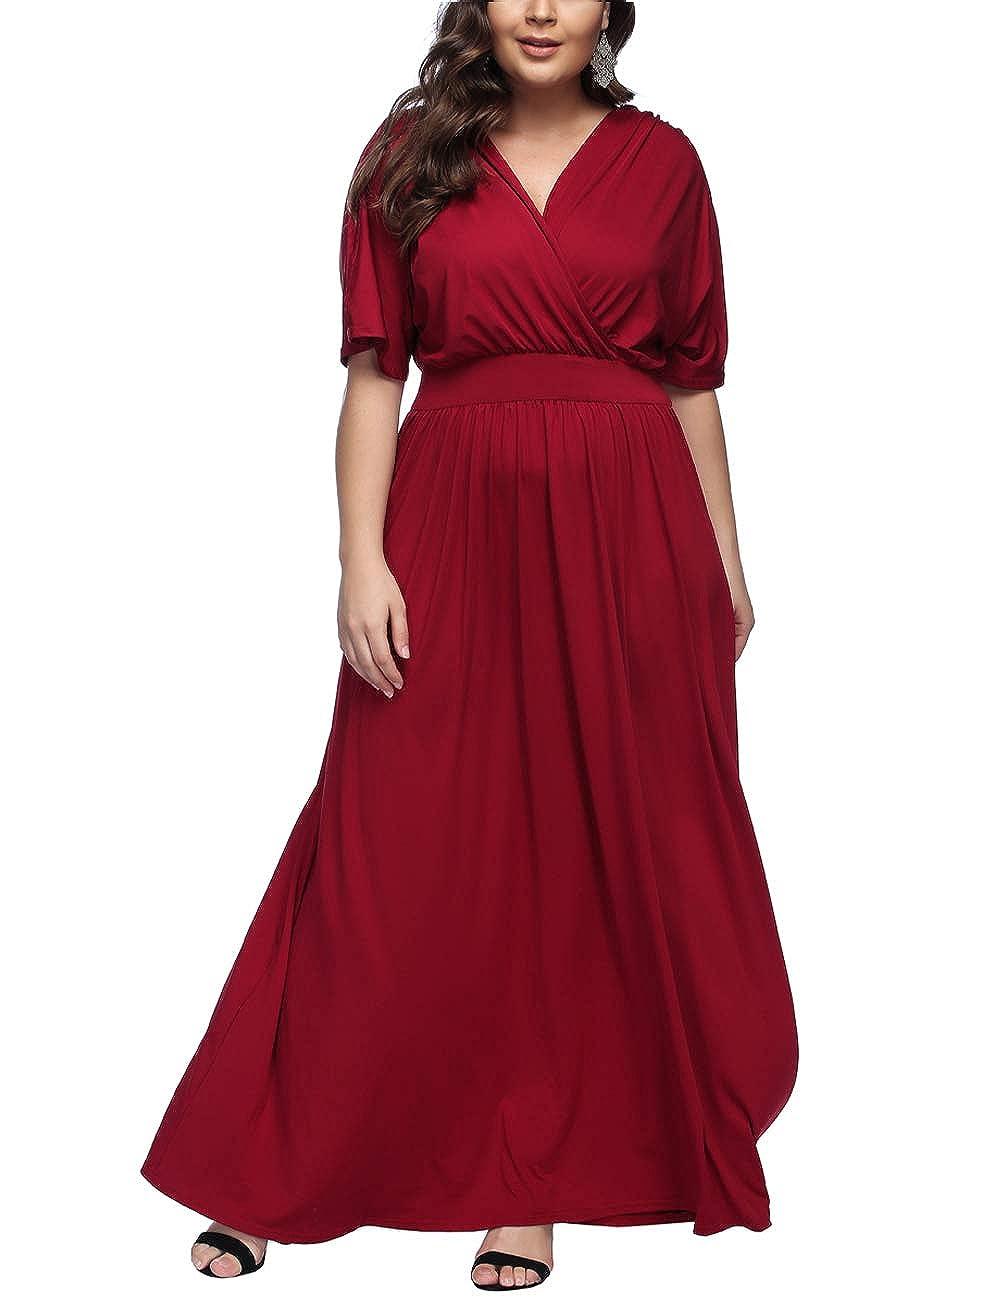 TALLA 3XL/ES 54-56. FeelinGirl 1950 Año Retro A-Línea Falda de Fiesta para Mujer Rojo Tinto 3XL/ES 54-56